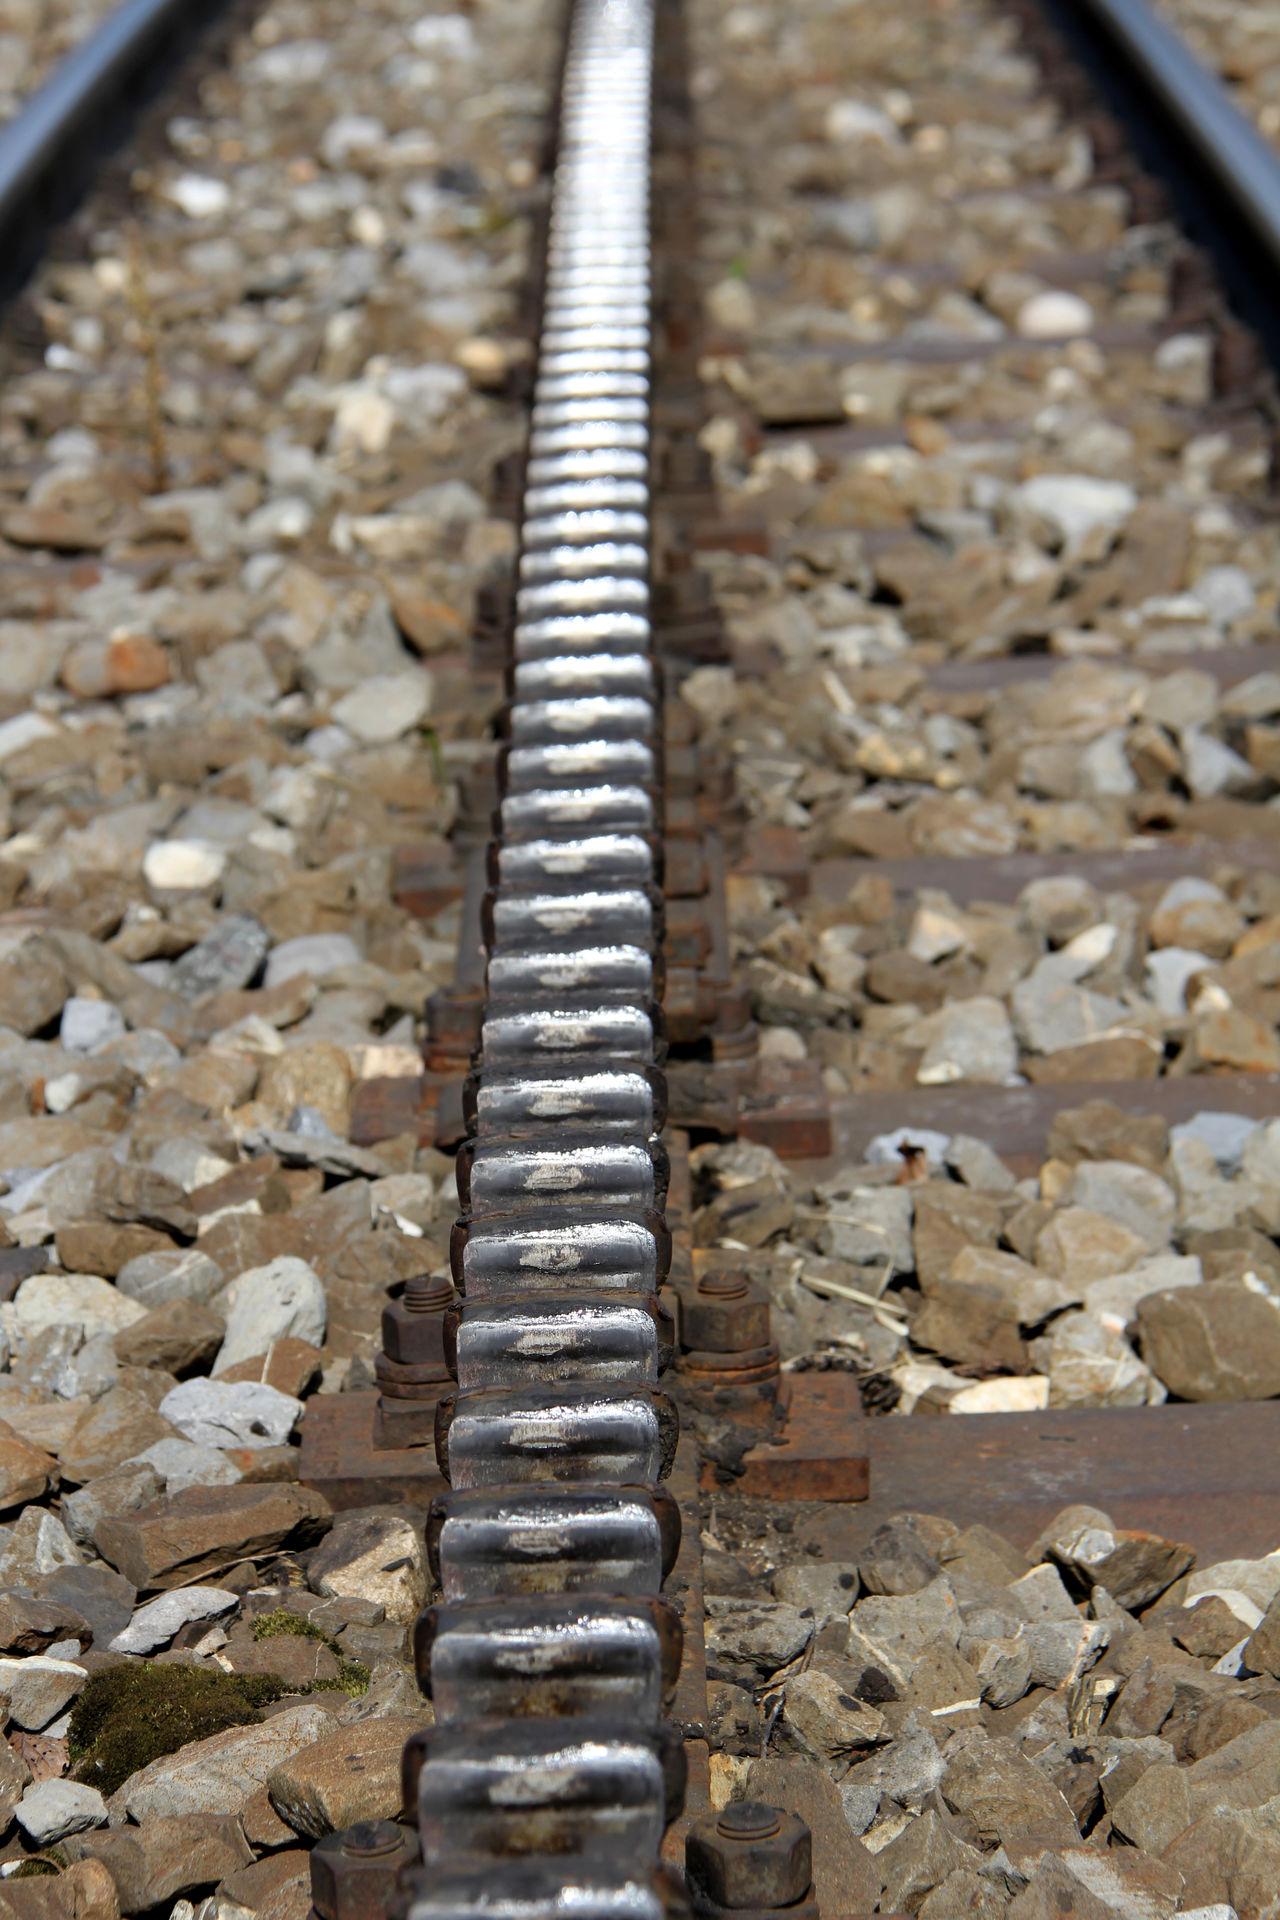 Close-up Day Gleis High Angle View No People Nut - Fastener Outdoors Schienen Schienenersatzverkehr Schienenstrang Schienenverkehr Zahnradbahn Zahnstange